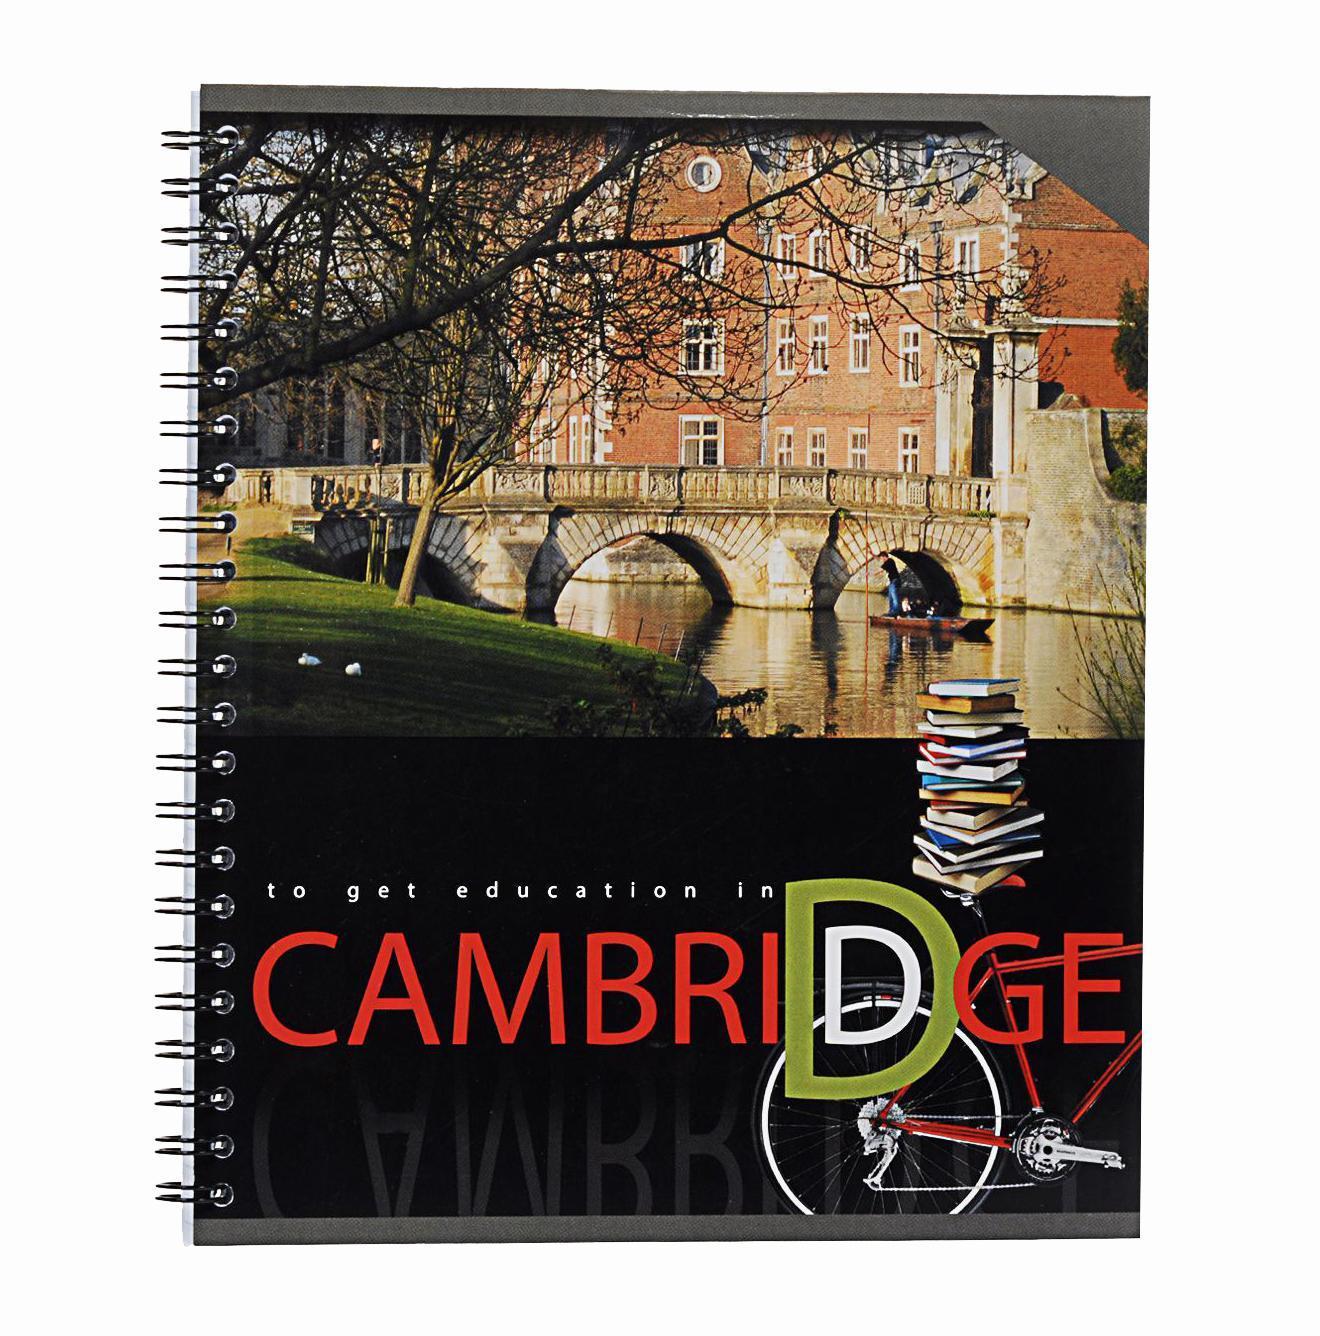 Тетрадь на спирали, 80л Cambridge,УФ-лак,мост72523WDтетрадь на спирали,80л Cambridge, УФ-лак, мост